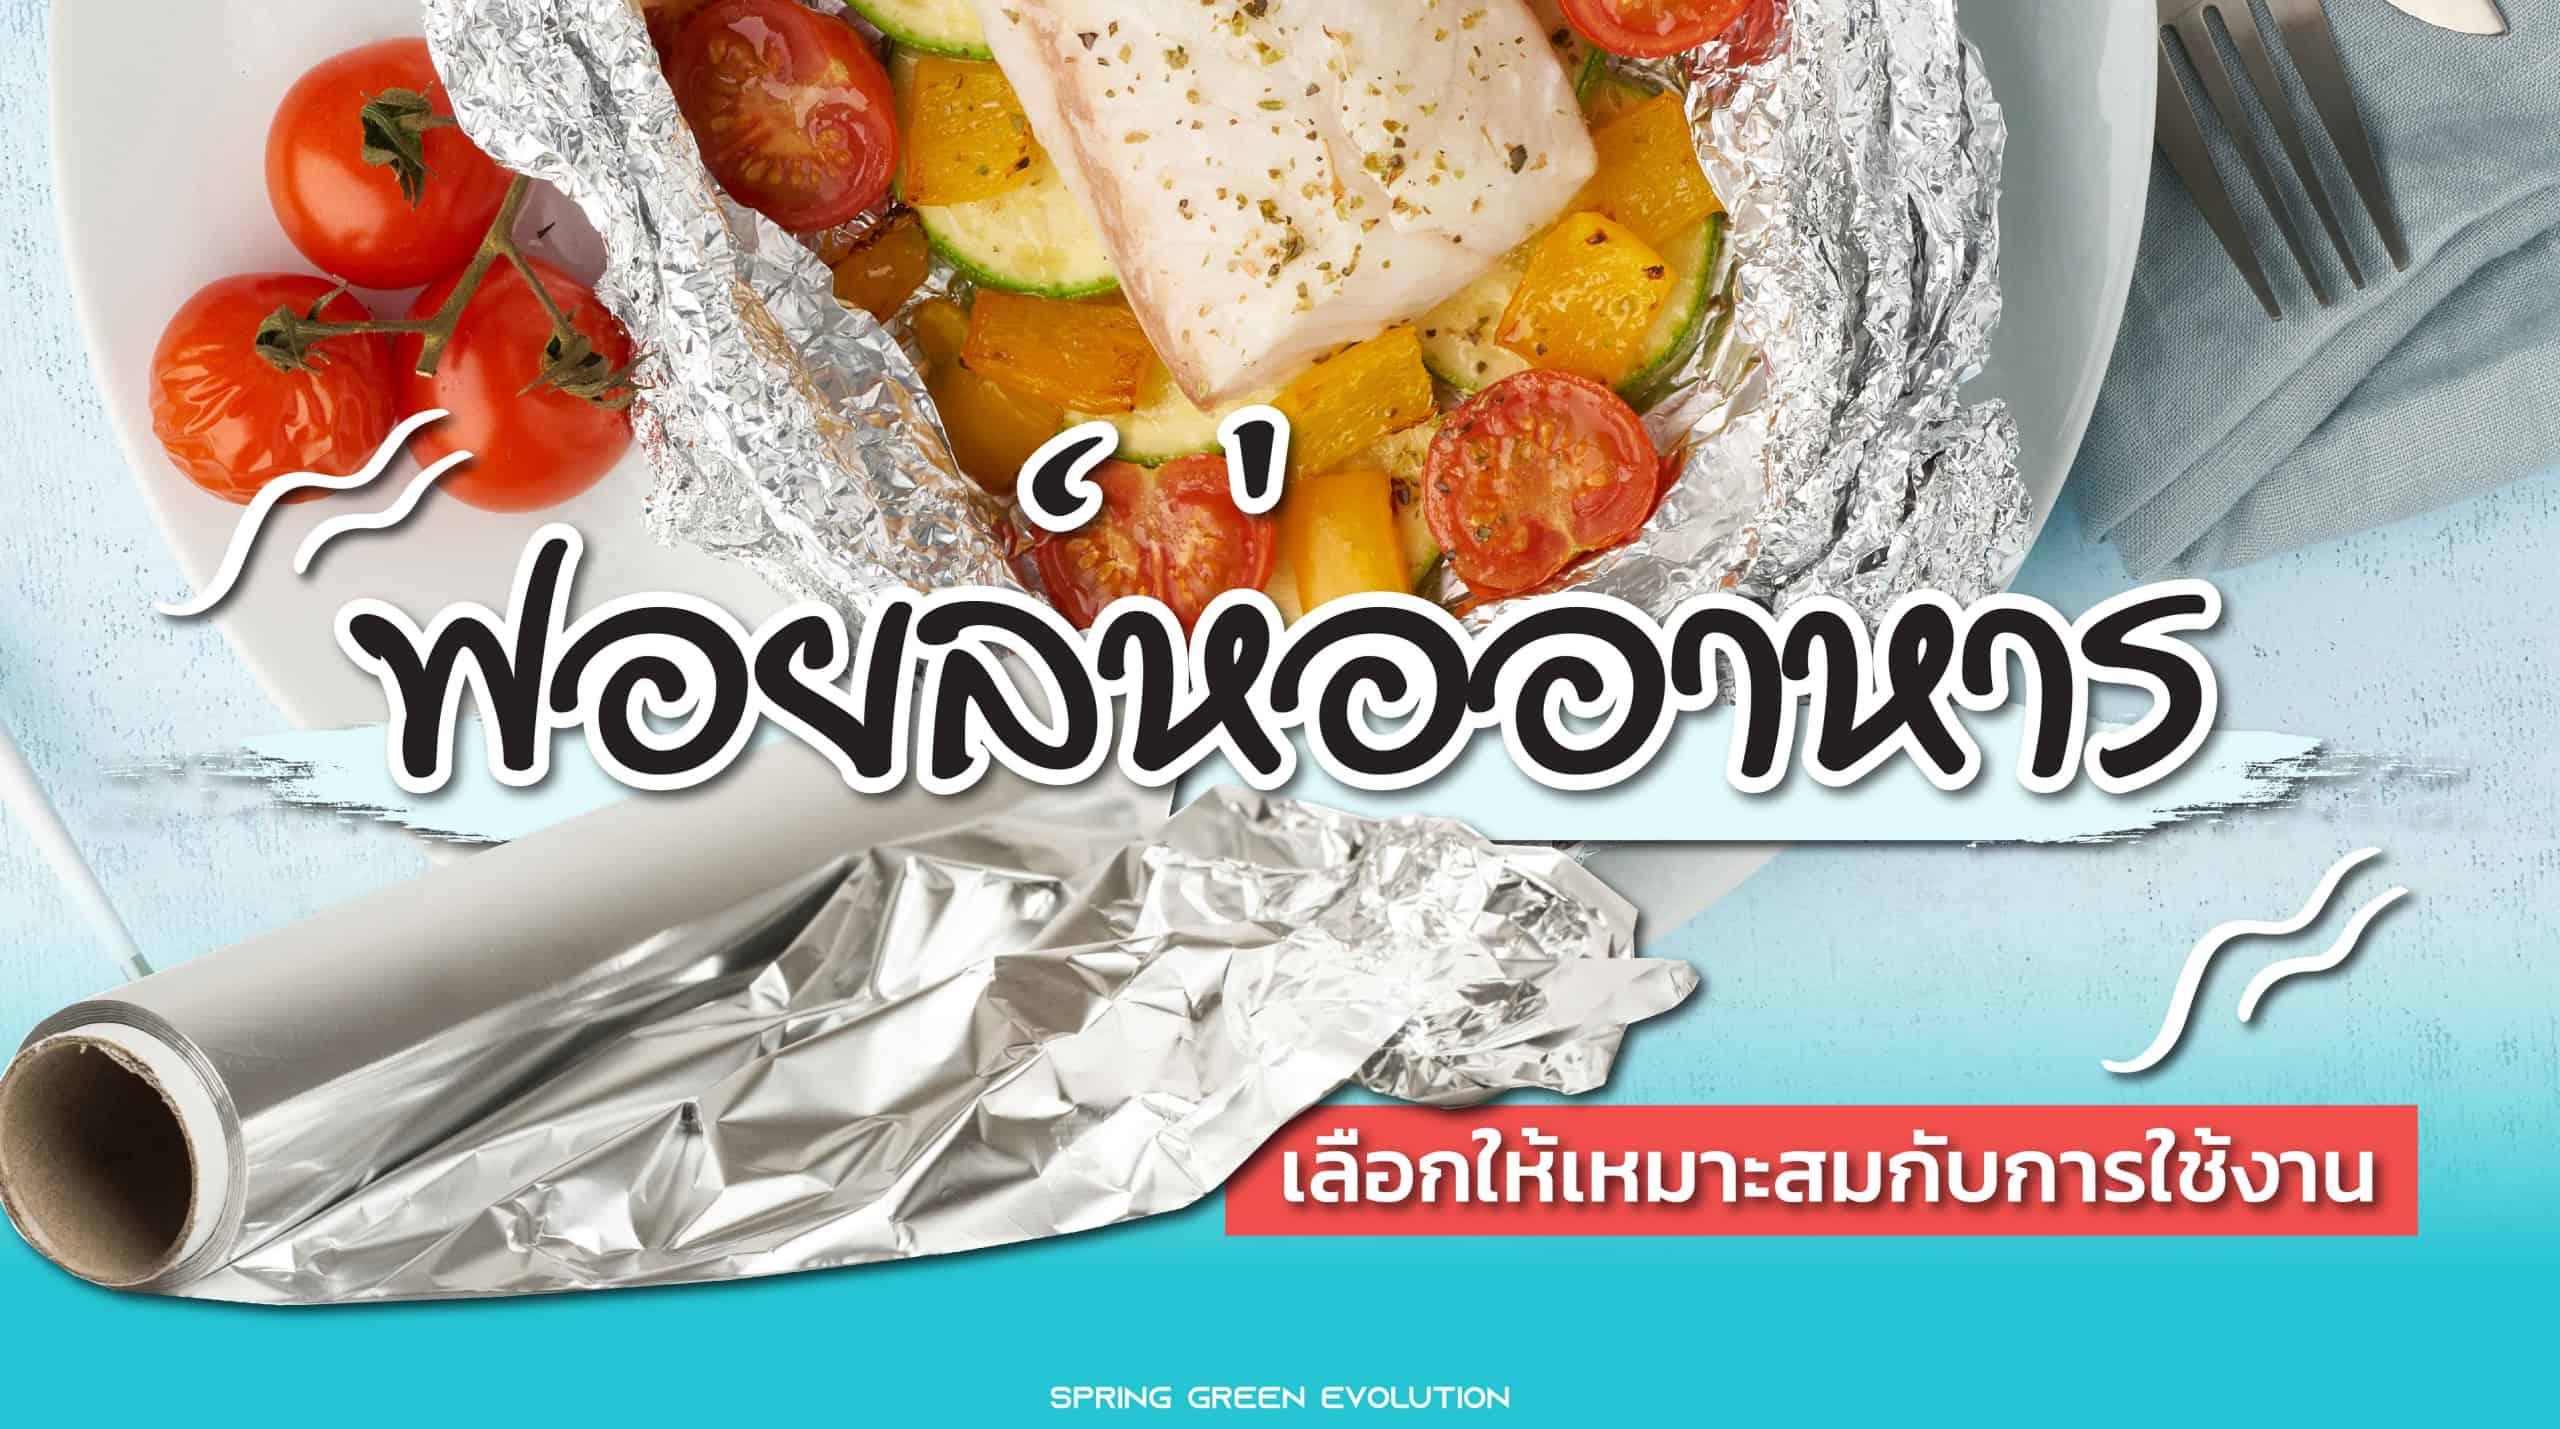 201217-Content-ฟอยล์ห่ออาหาร-เลือกให้เหมาะสมกับการใช้งาน-01